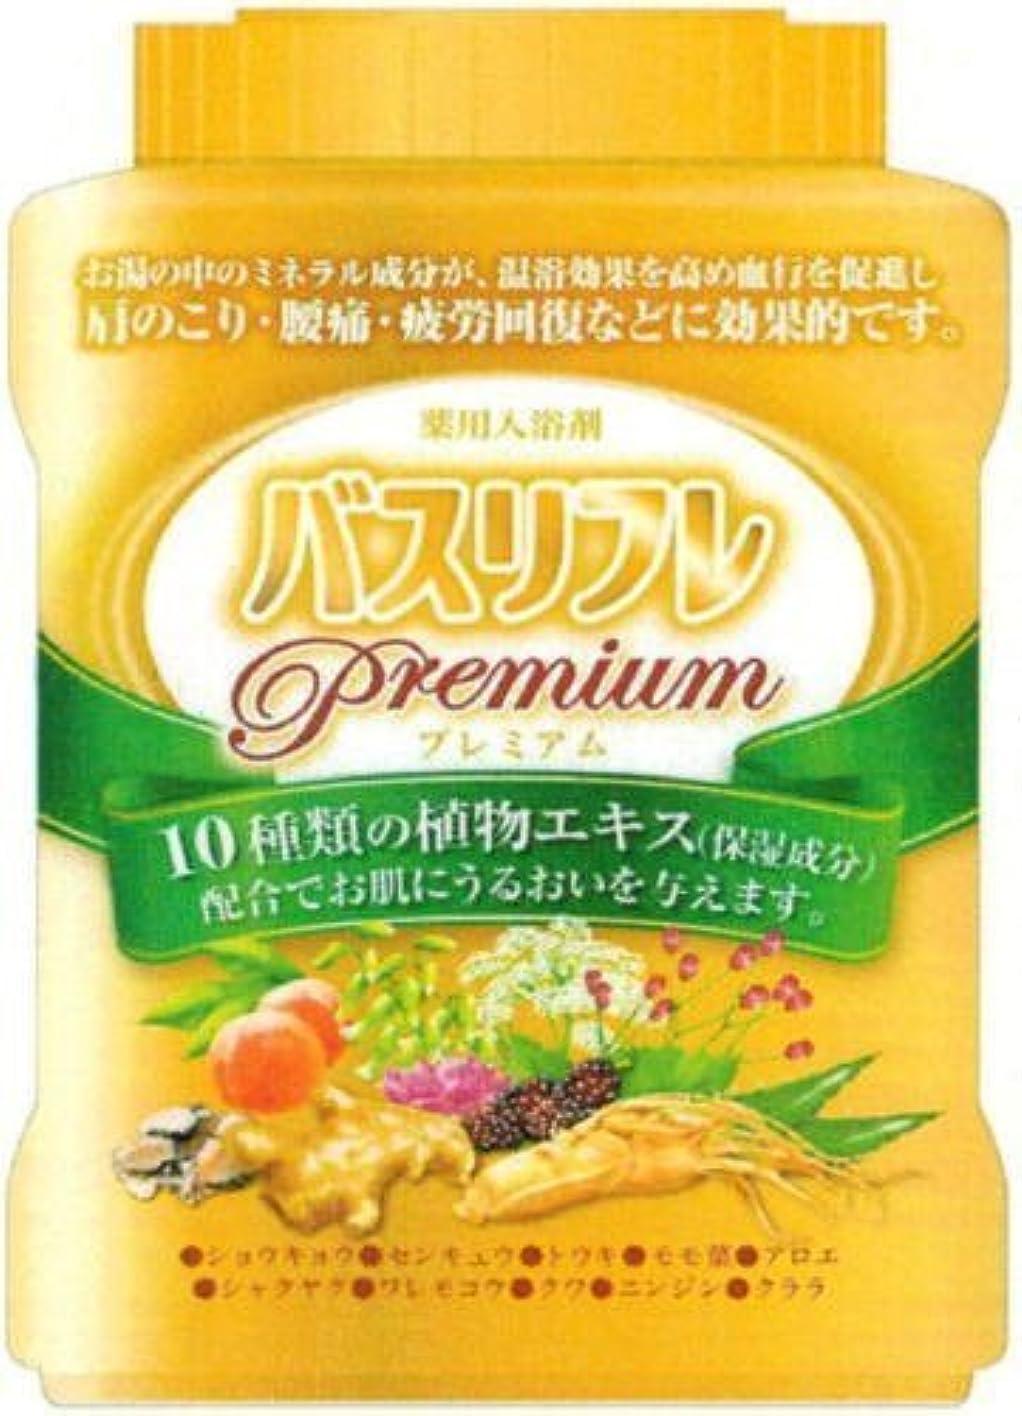 想定する鹿傾向があるライオンケミカル バスリフレ 薬用入浴剤プレミアム 680g Japan